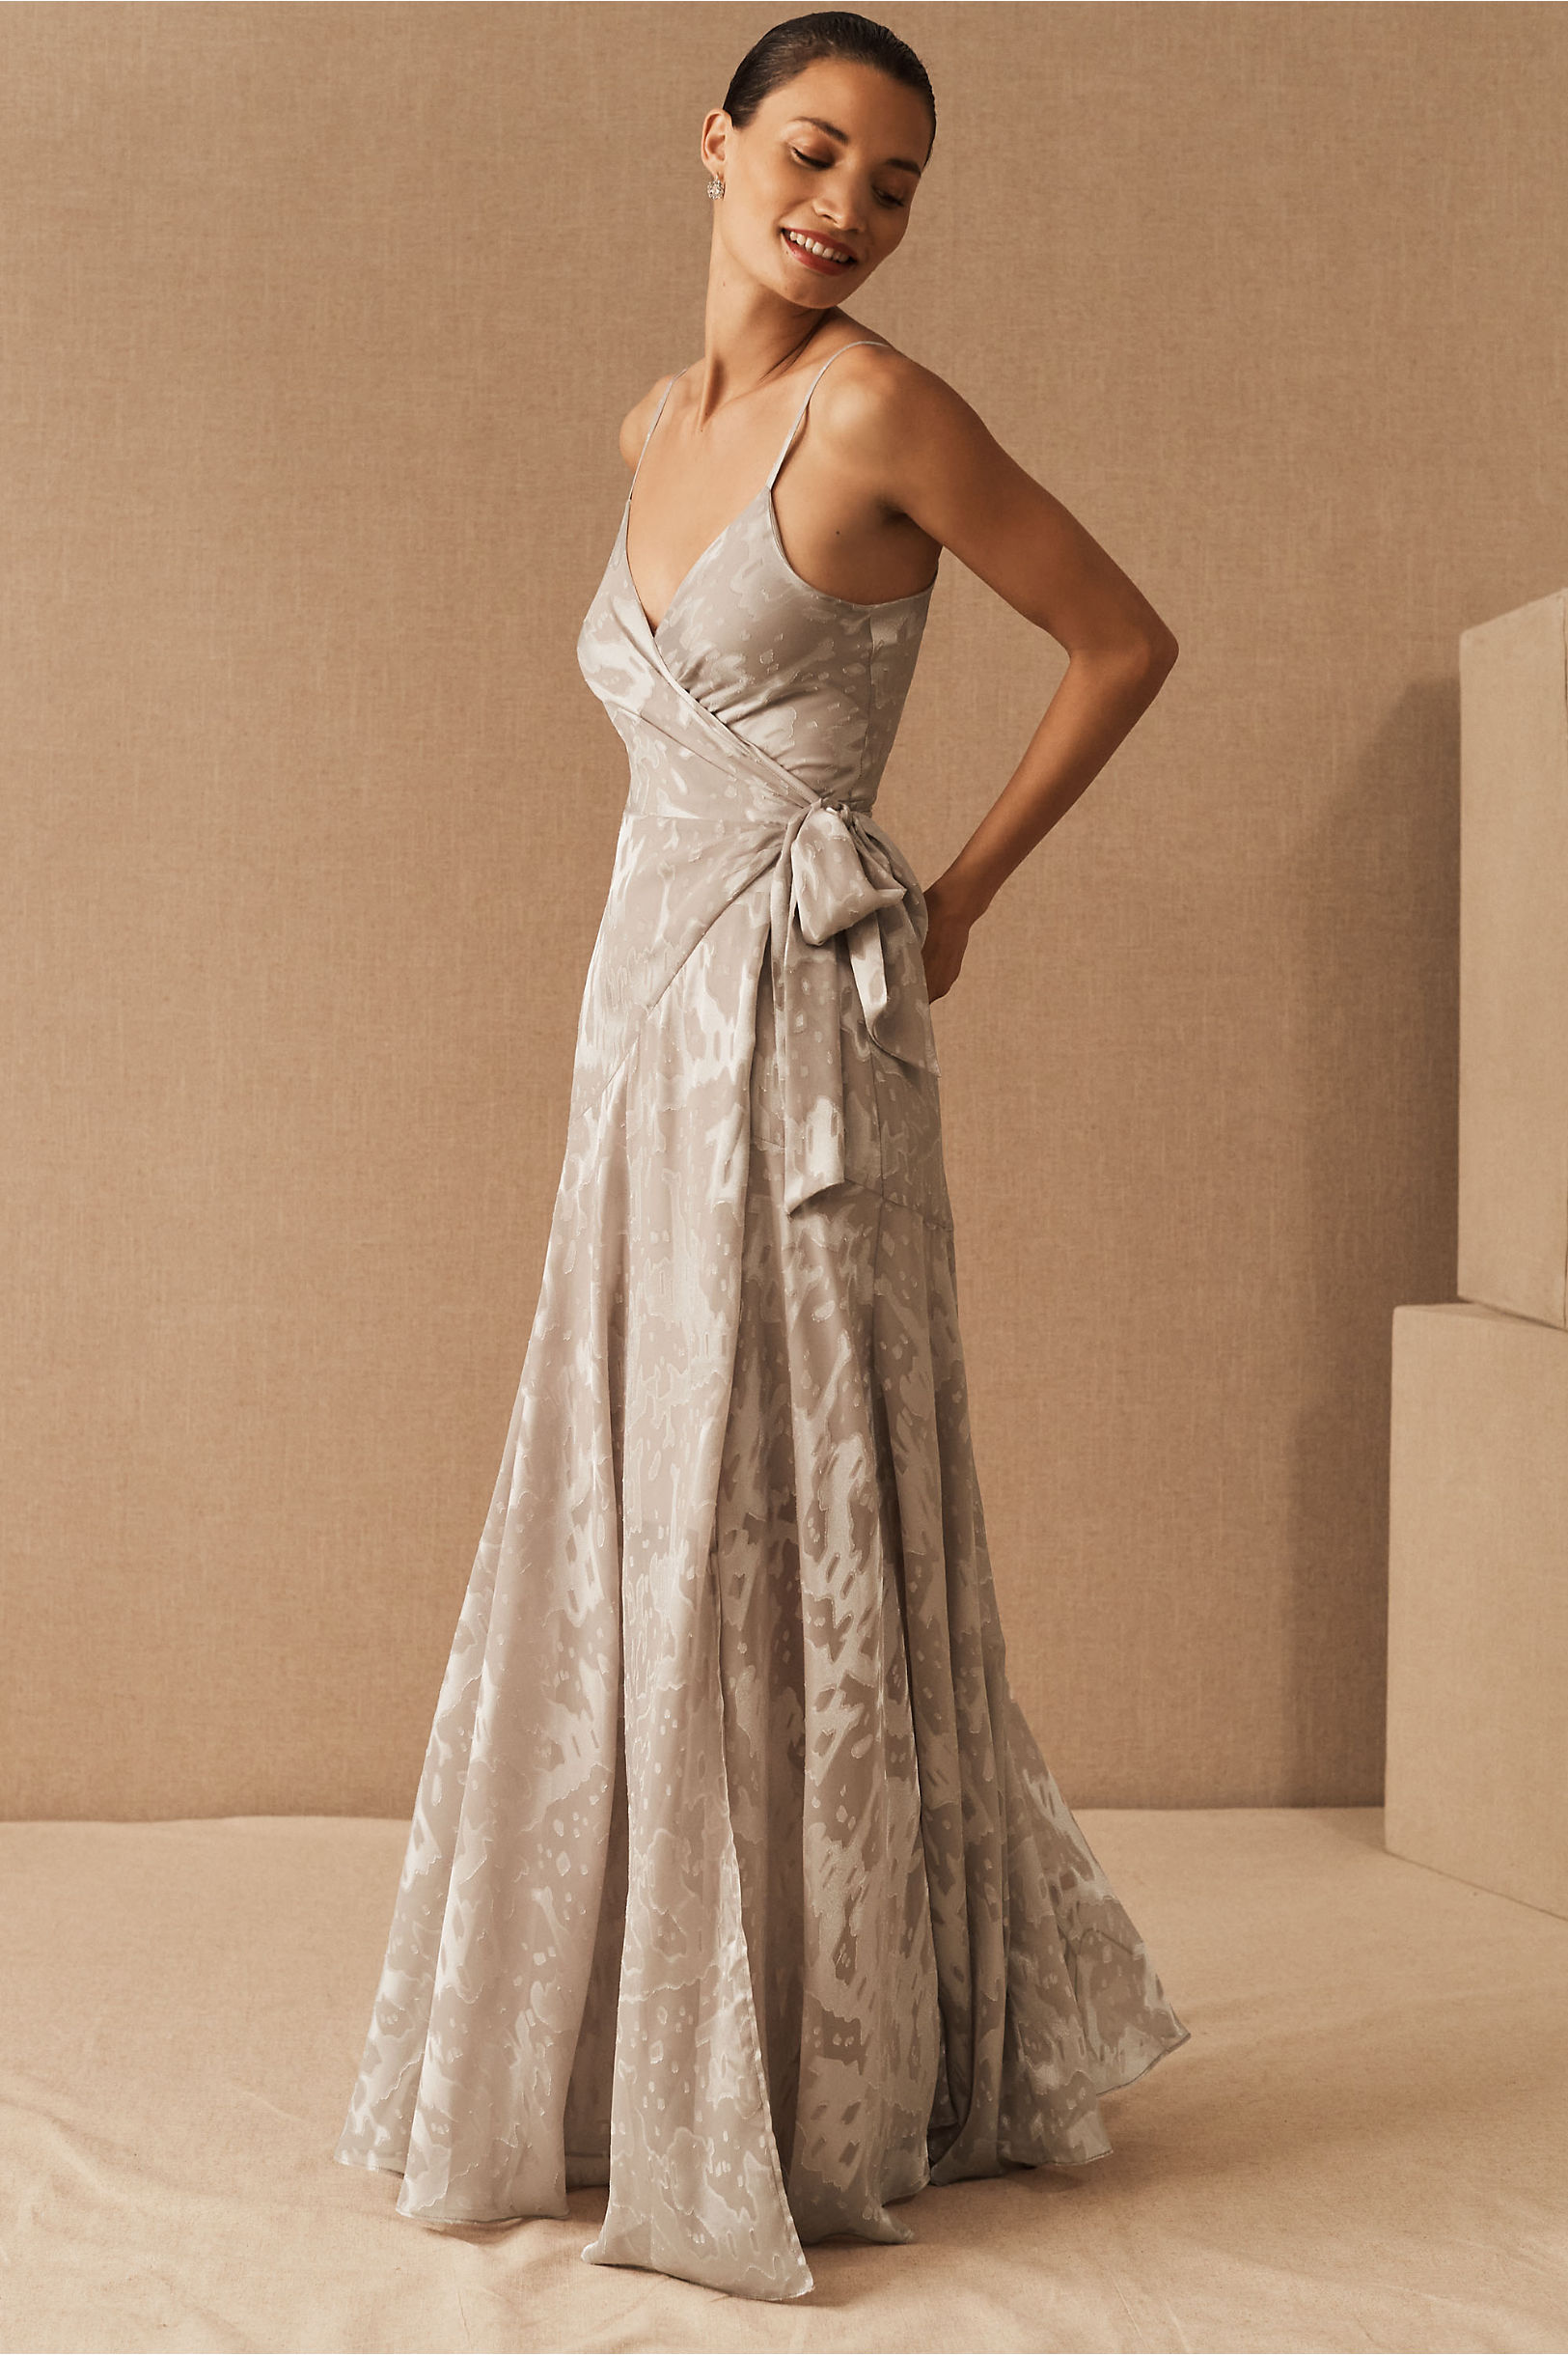 Vintage Evening Dresses, Vintage Formal Dresses Hutch Alden DressSize Guide Video $275.00 AT vintagedancer.com